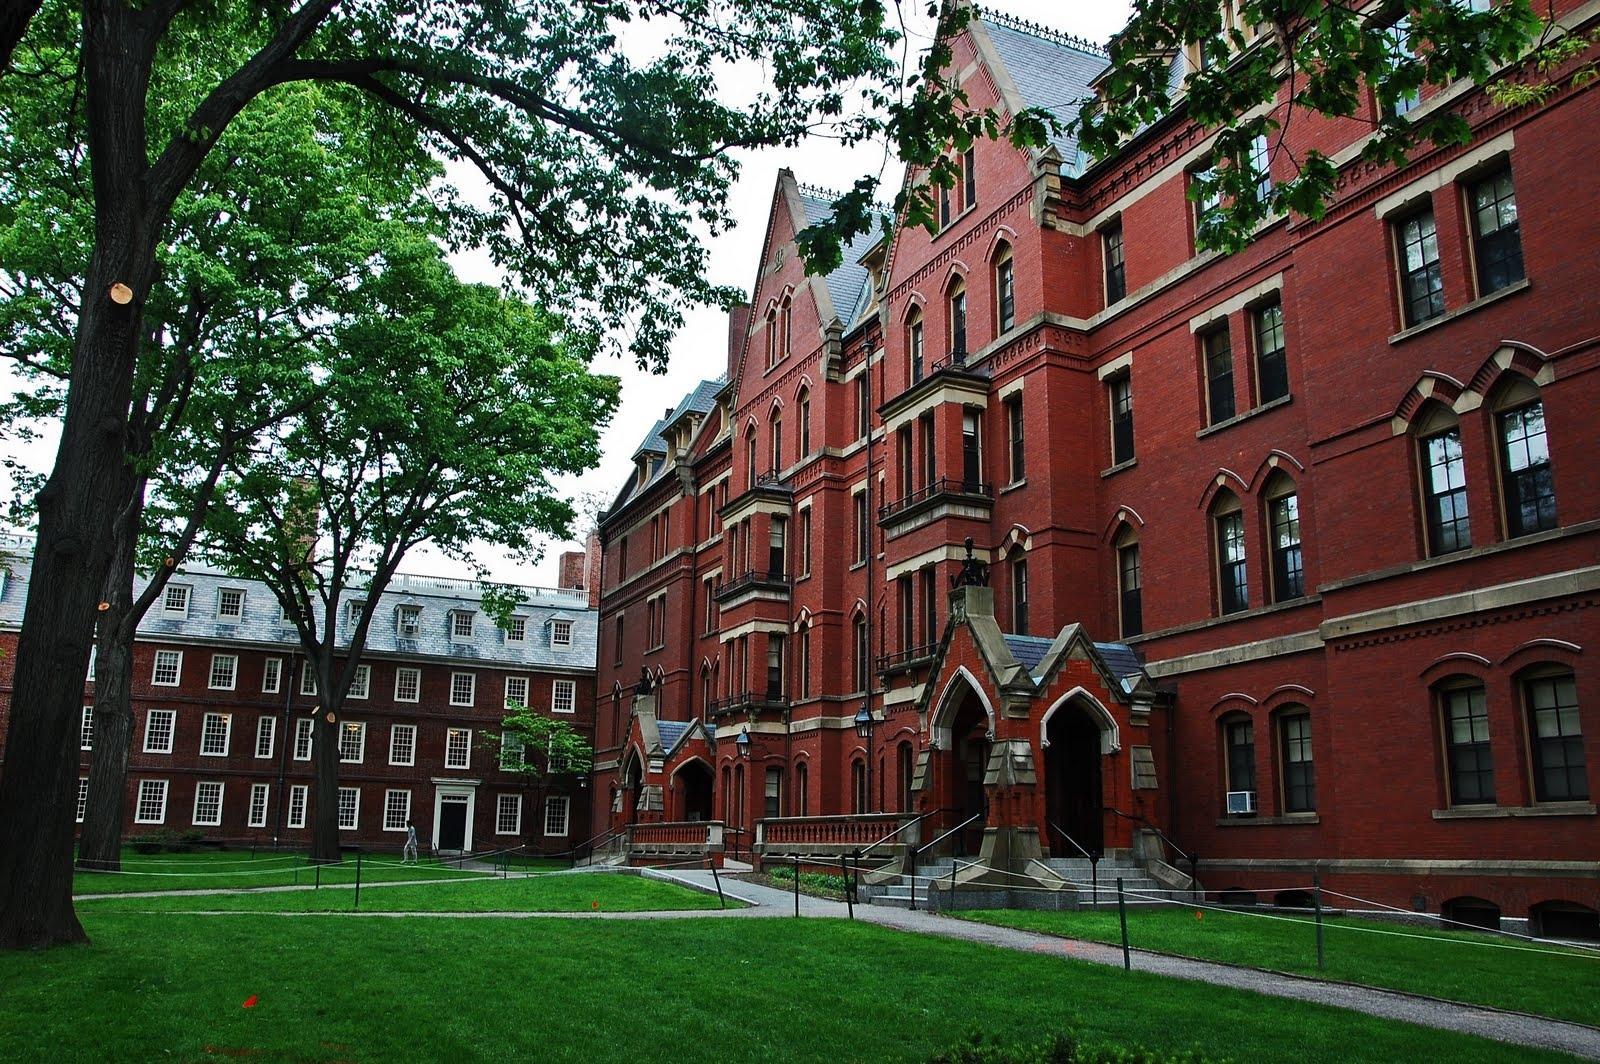 رایگان به معتبرترین دانشگاههای جهان بروید؛ نگاهی به اپلیکیشن کُرسِرا